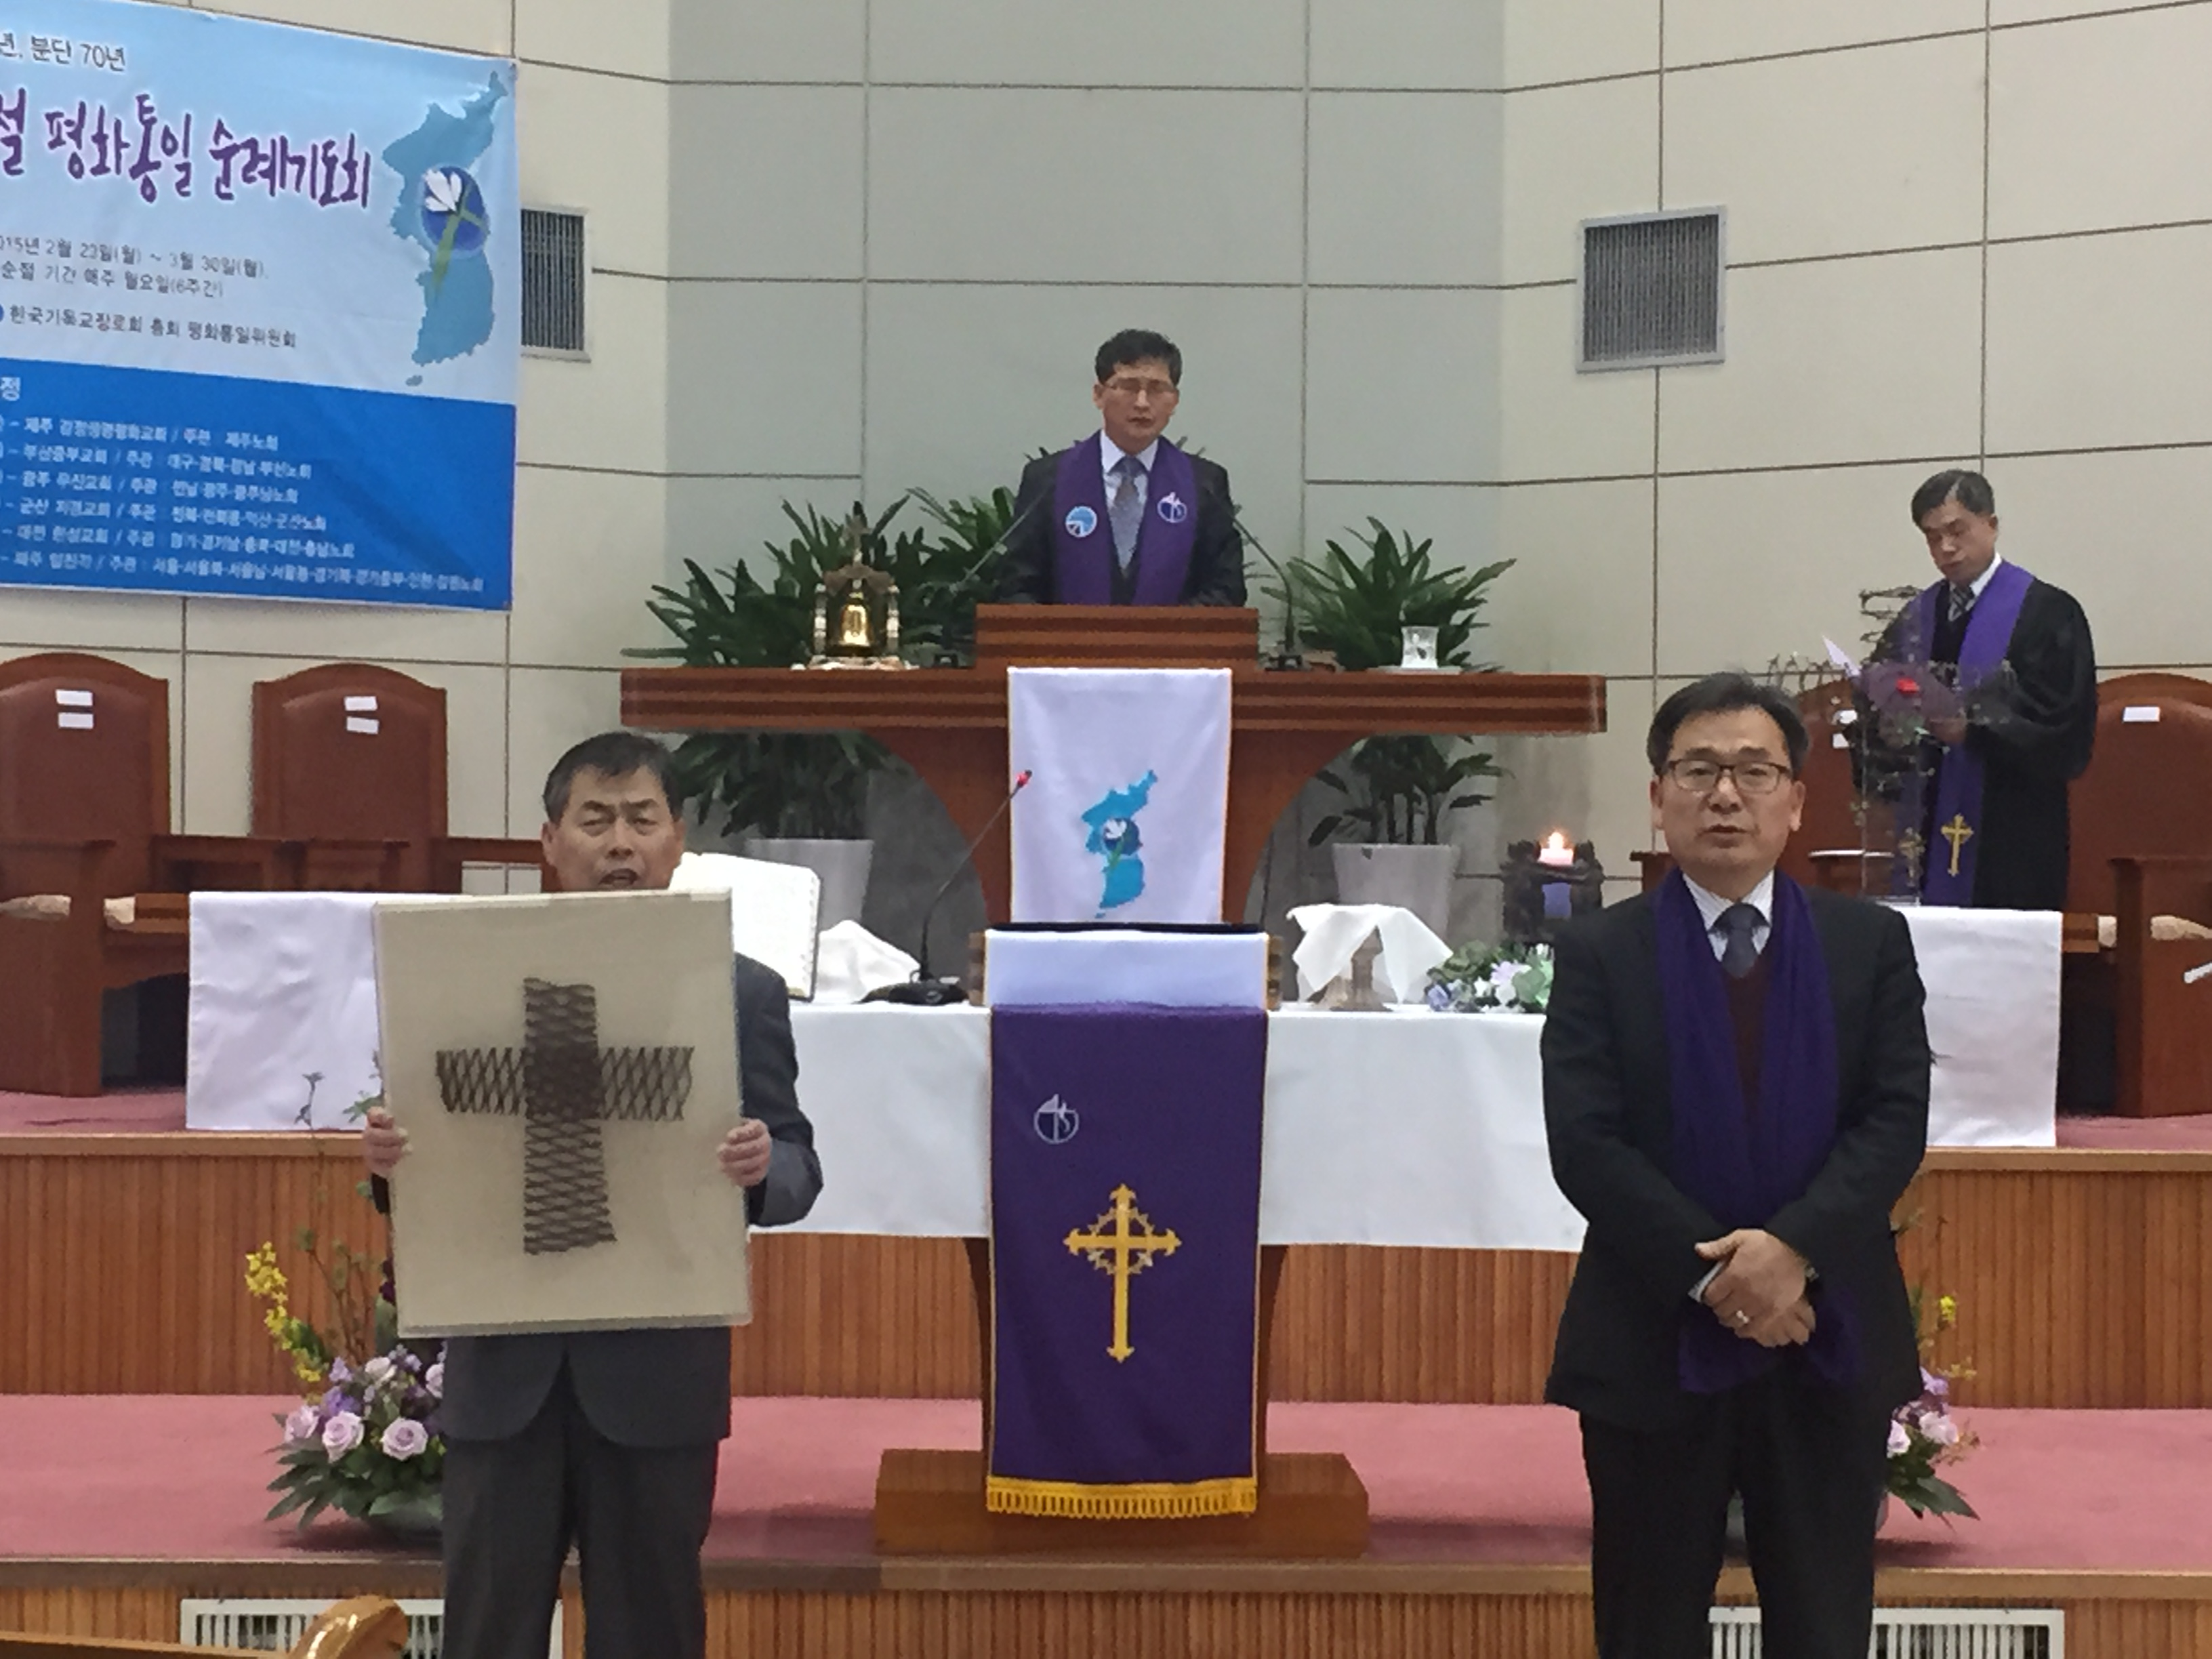 십자가 전달 경기노회장 김관호 목사가 총회 평화통일위원장 정상시 목사에게.JPG